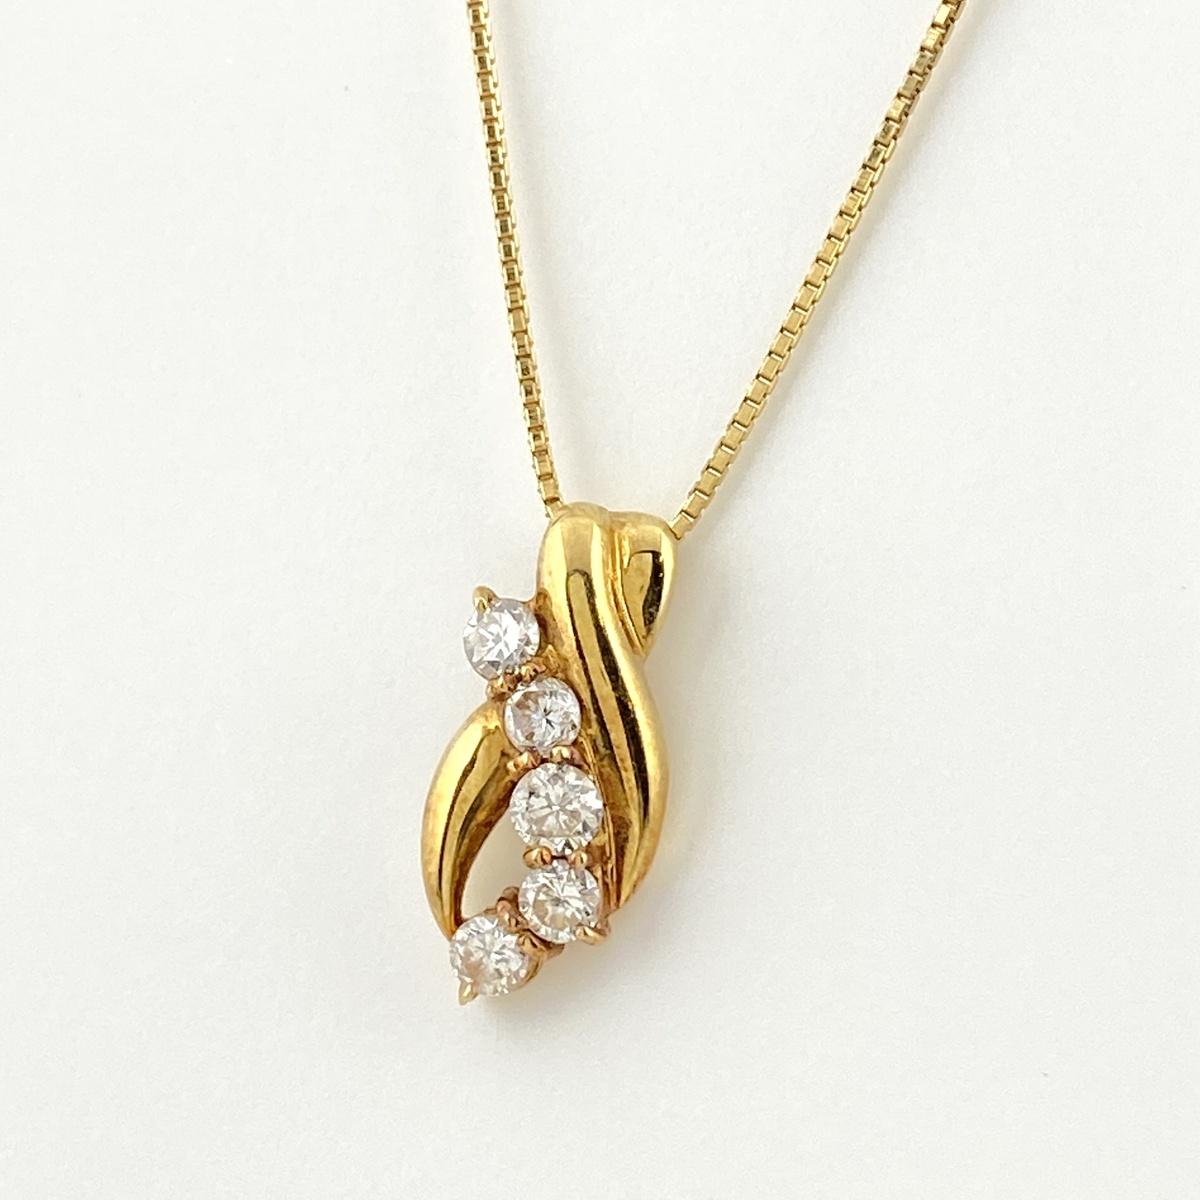 USED 当店は最高な サービスを提供します 送料無料 メレダイヤ デザインネックレス K18 イエローゴールド ダイヤモンド YG ペンダント ネックレス 価格 交渉 中古 レディース